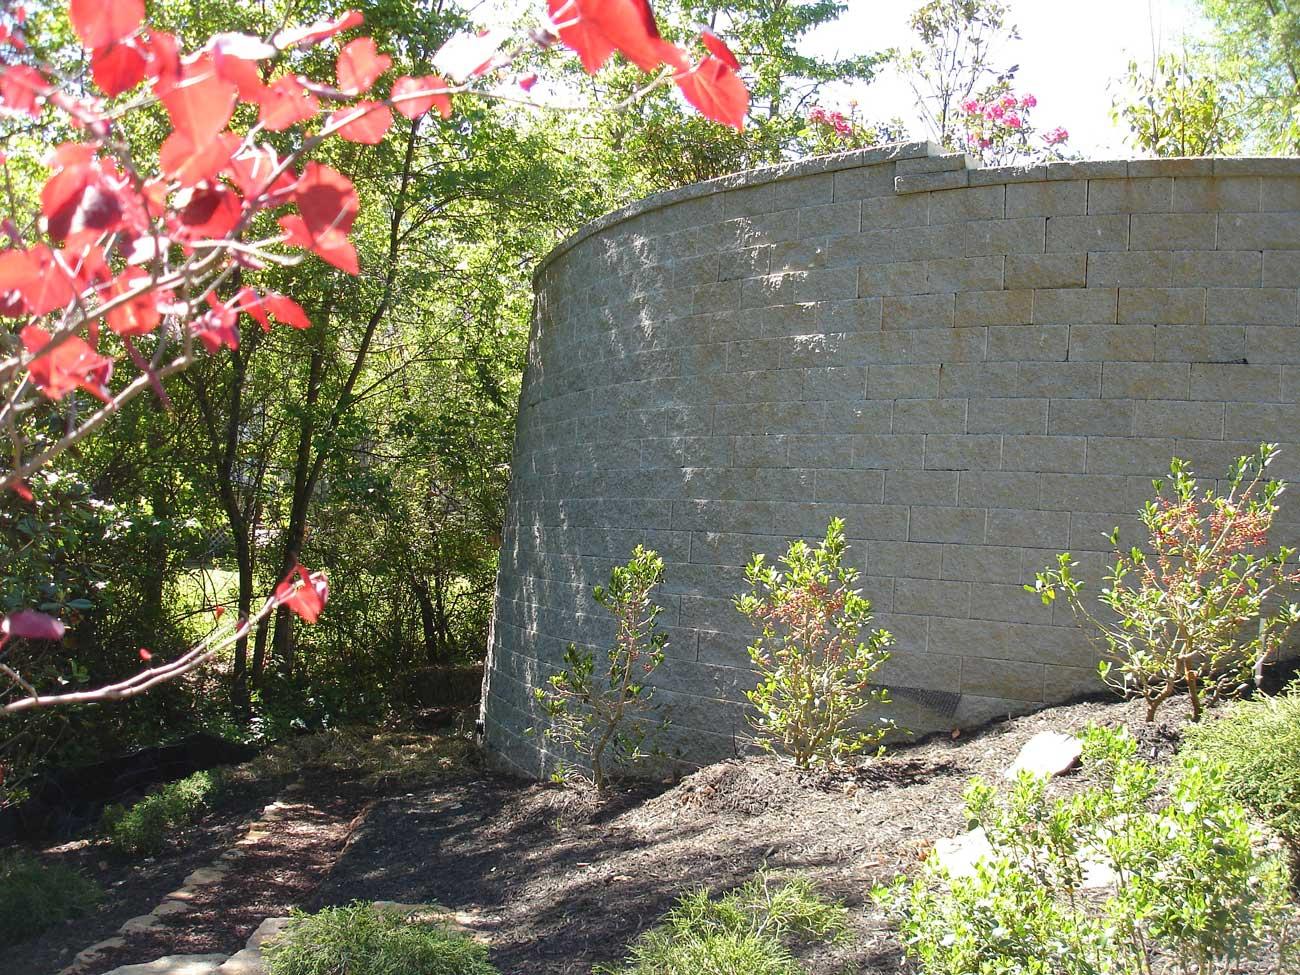 CornerStone retaining wall blocks Georgia